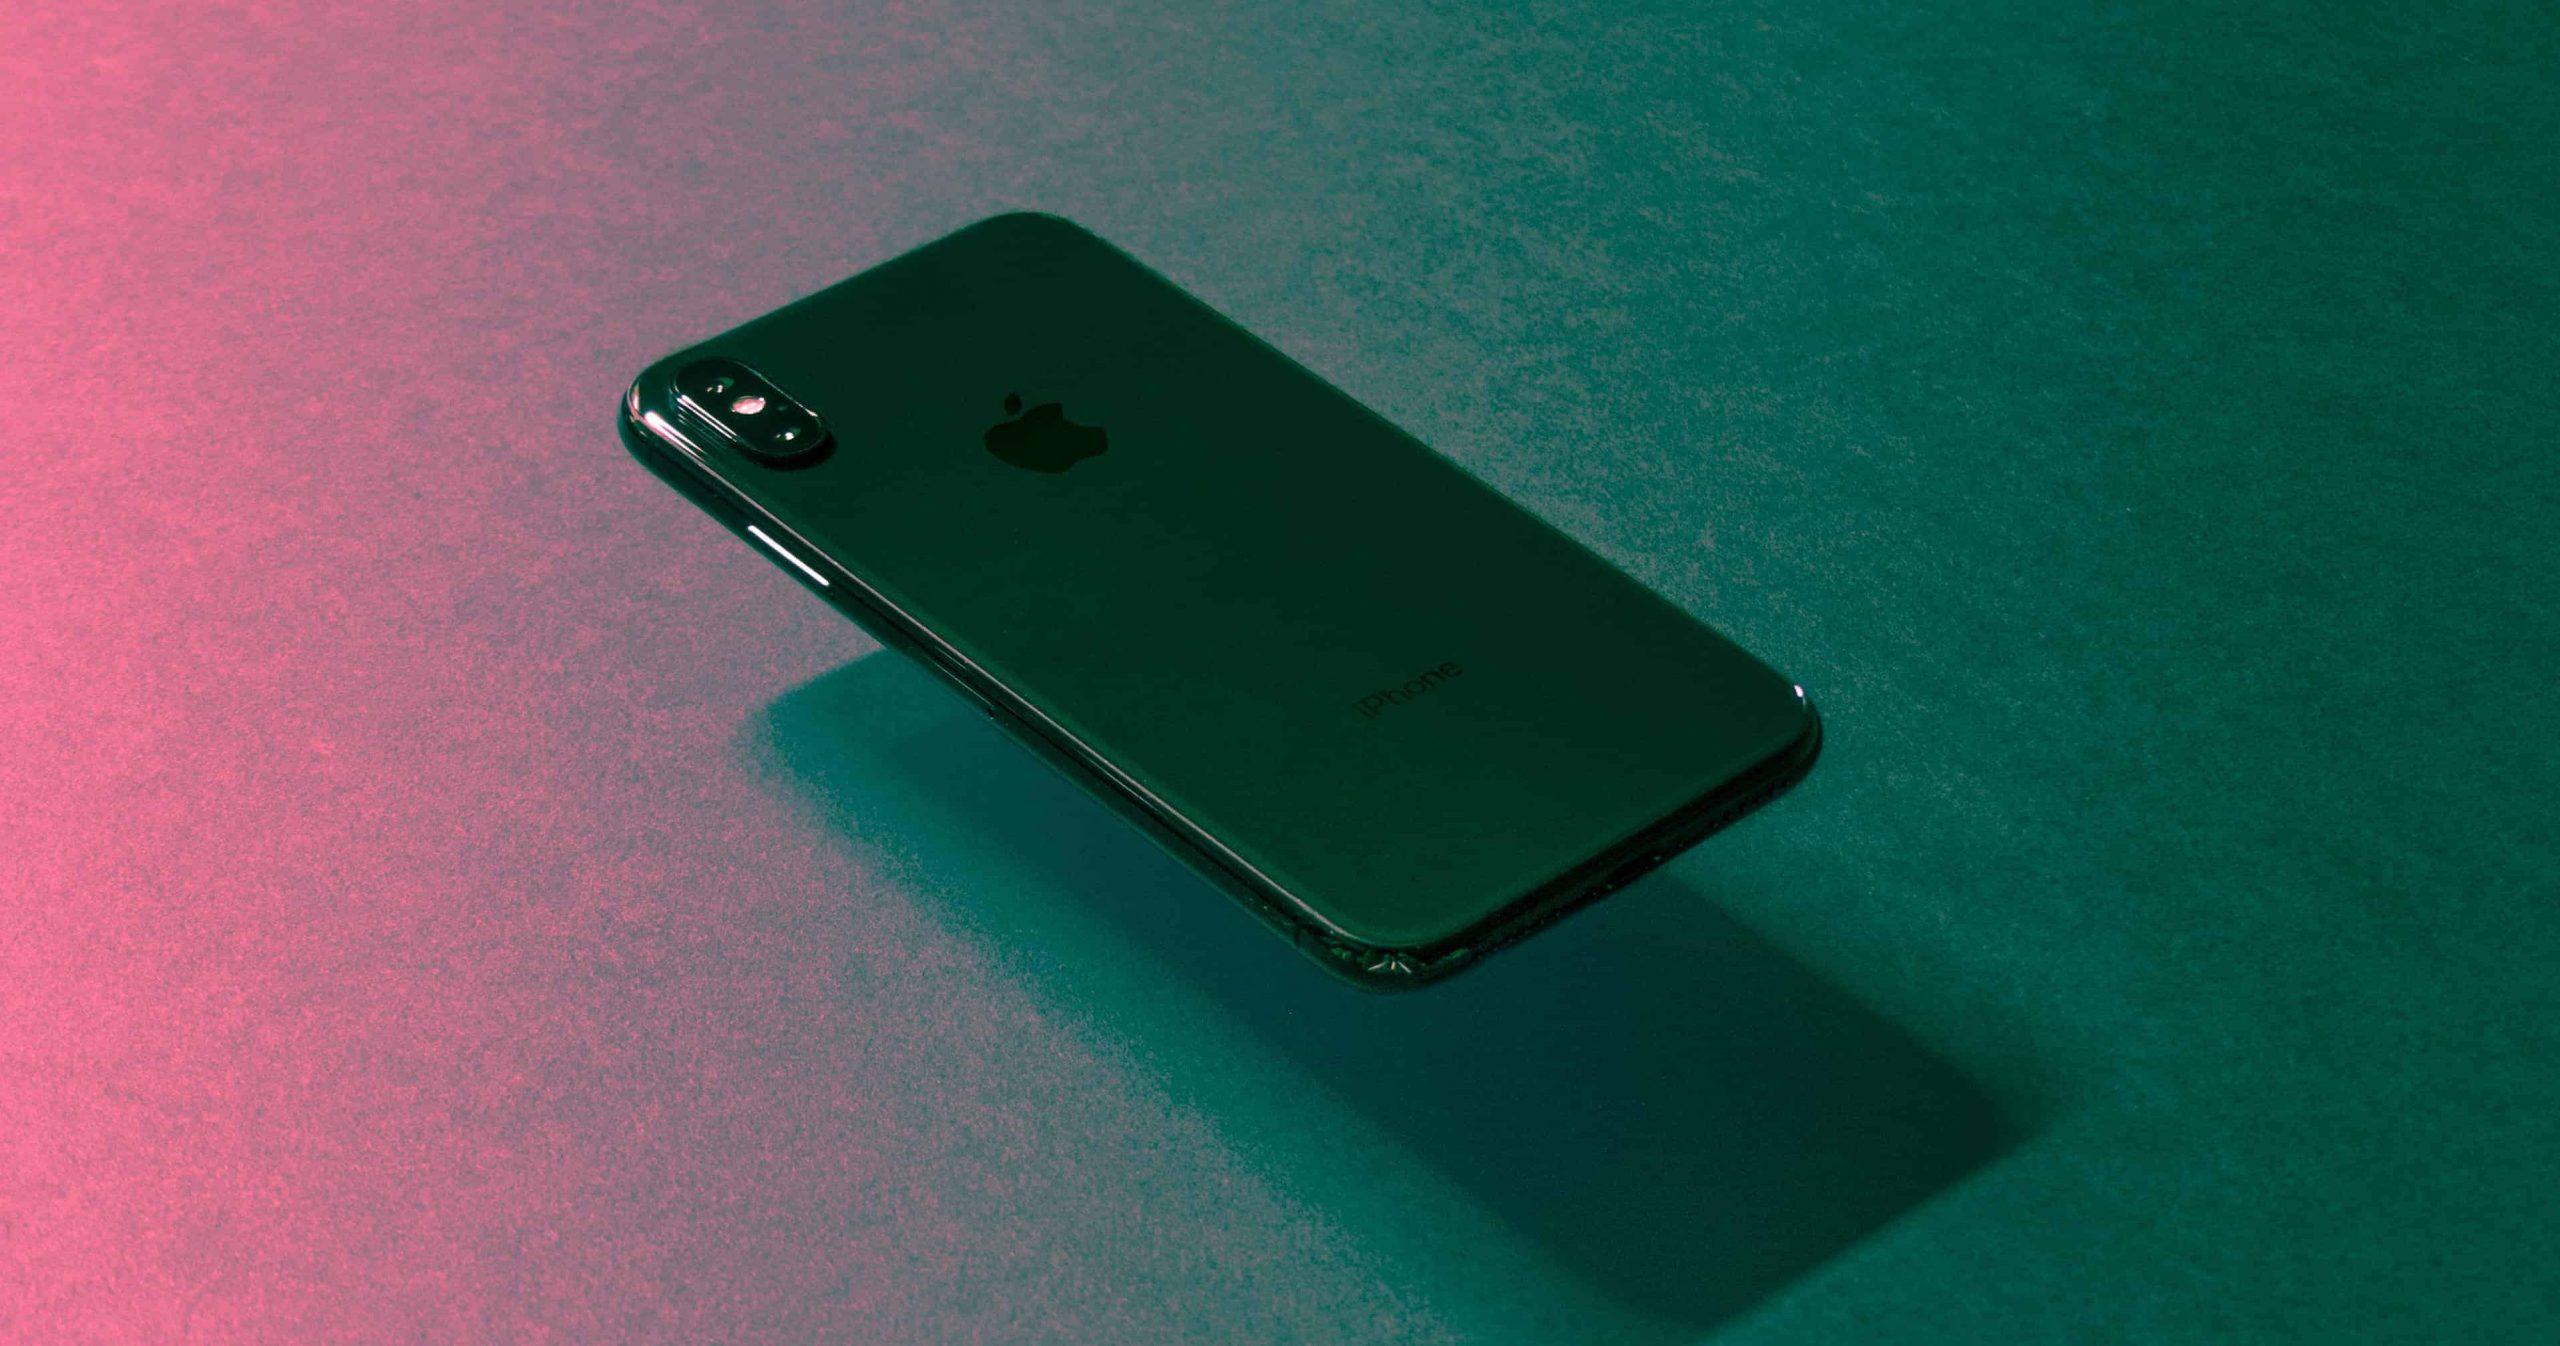 Un iPhone visto dal retro